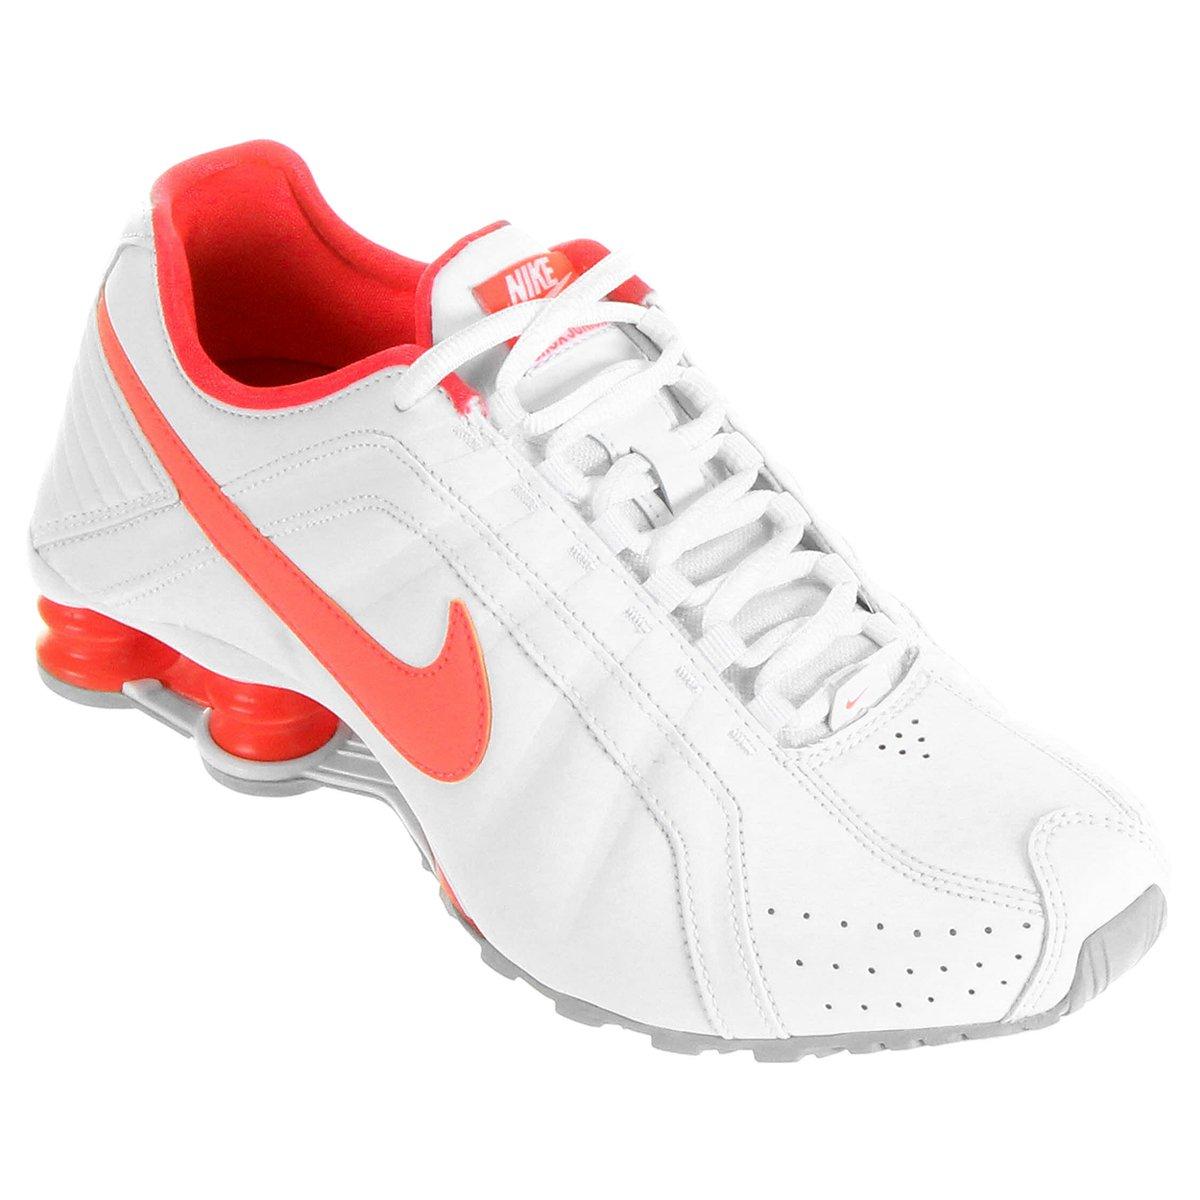 t nis nike shox junior compre agora netshoes rh netshoes com br